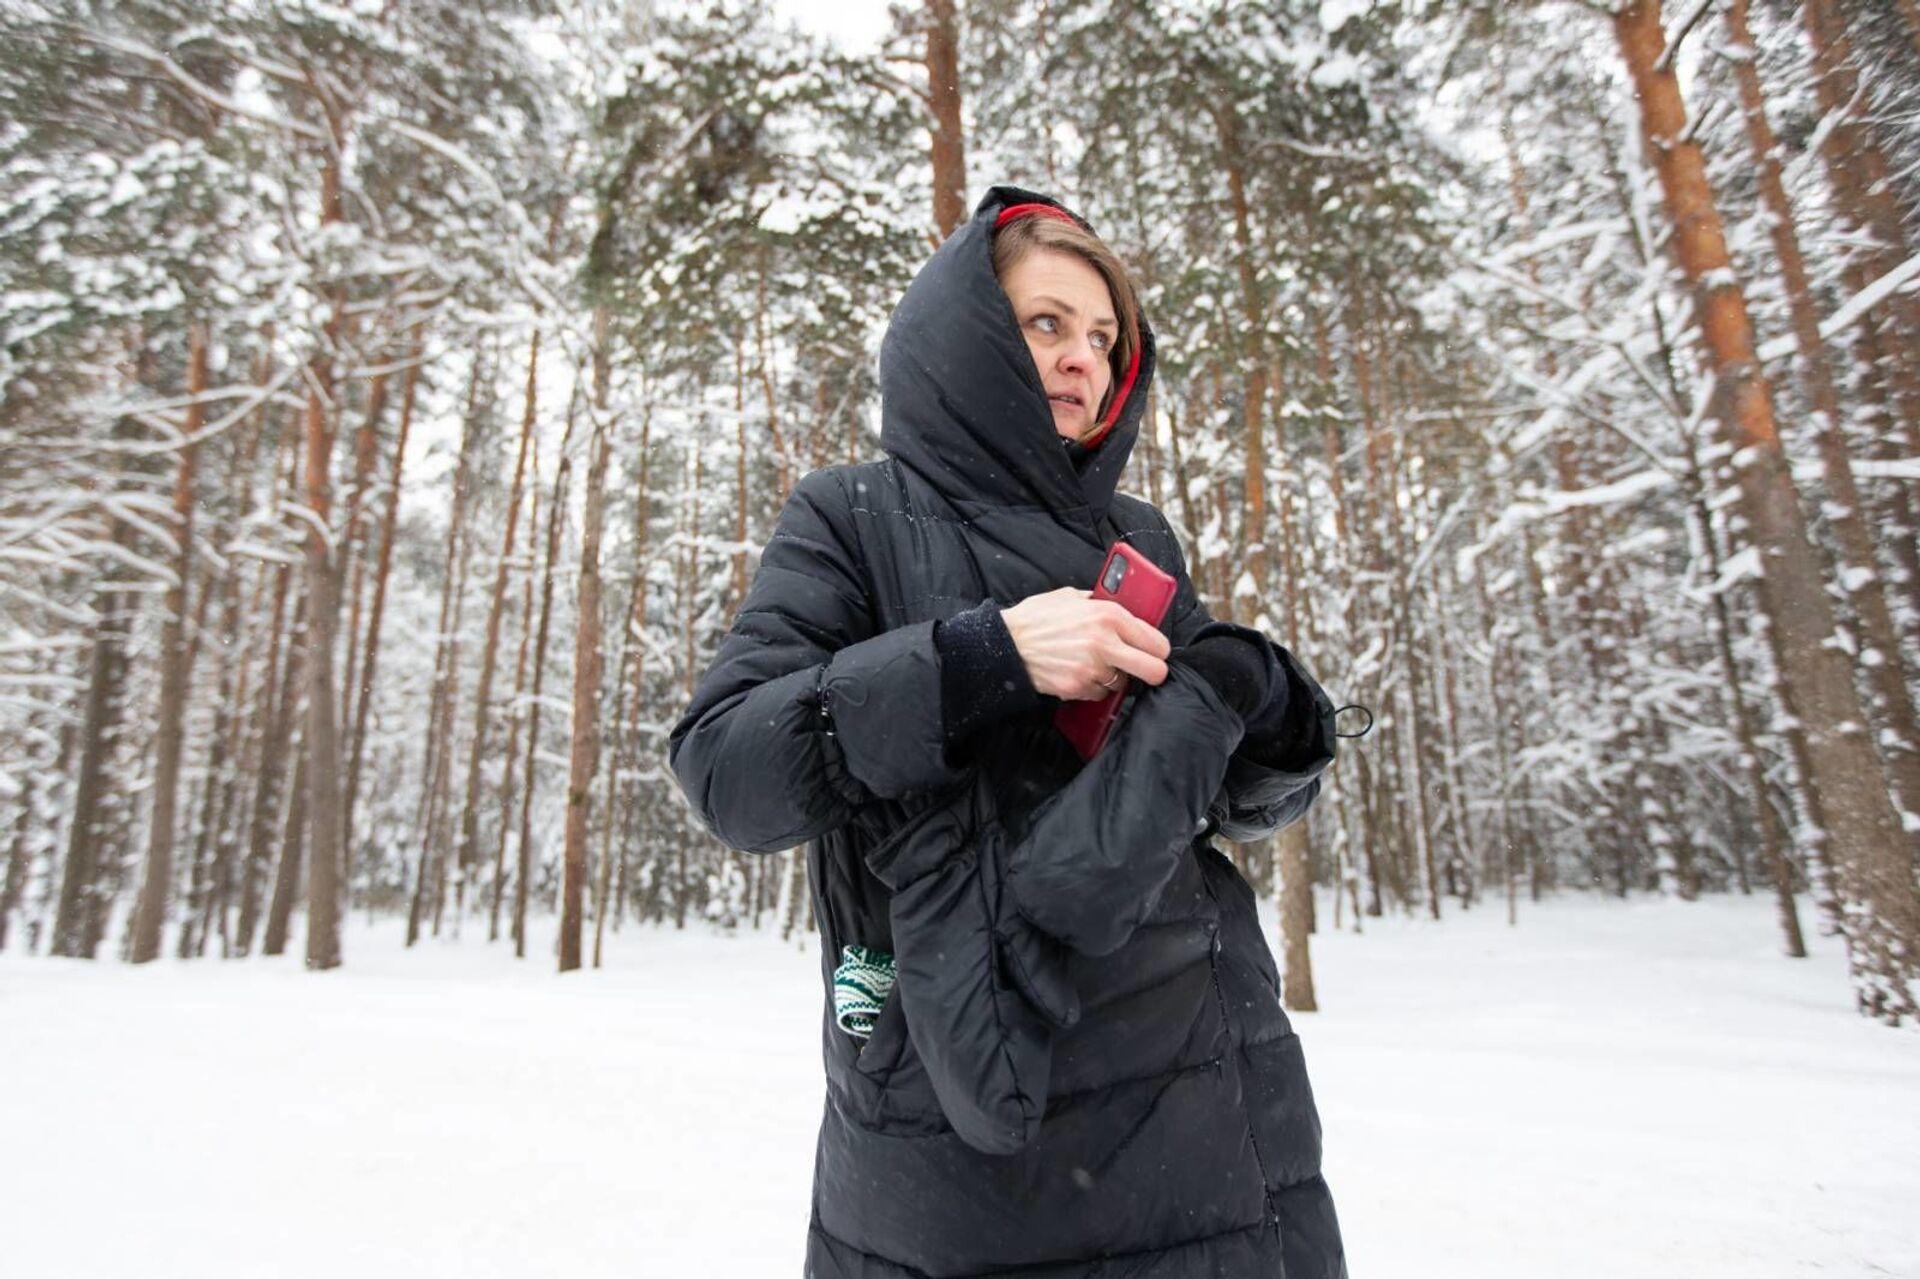 Белорусский дизайнер победила на фэшн-шоу в Лондоне - Sputnik Беларусь, 1920, 03.03.2021